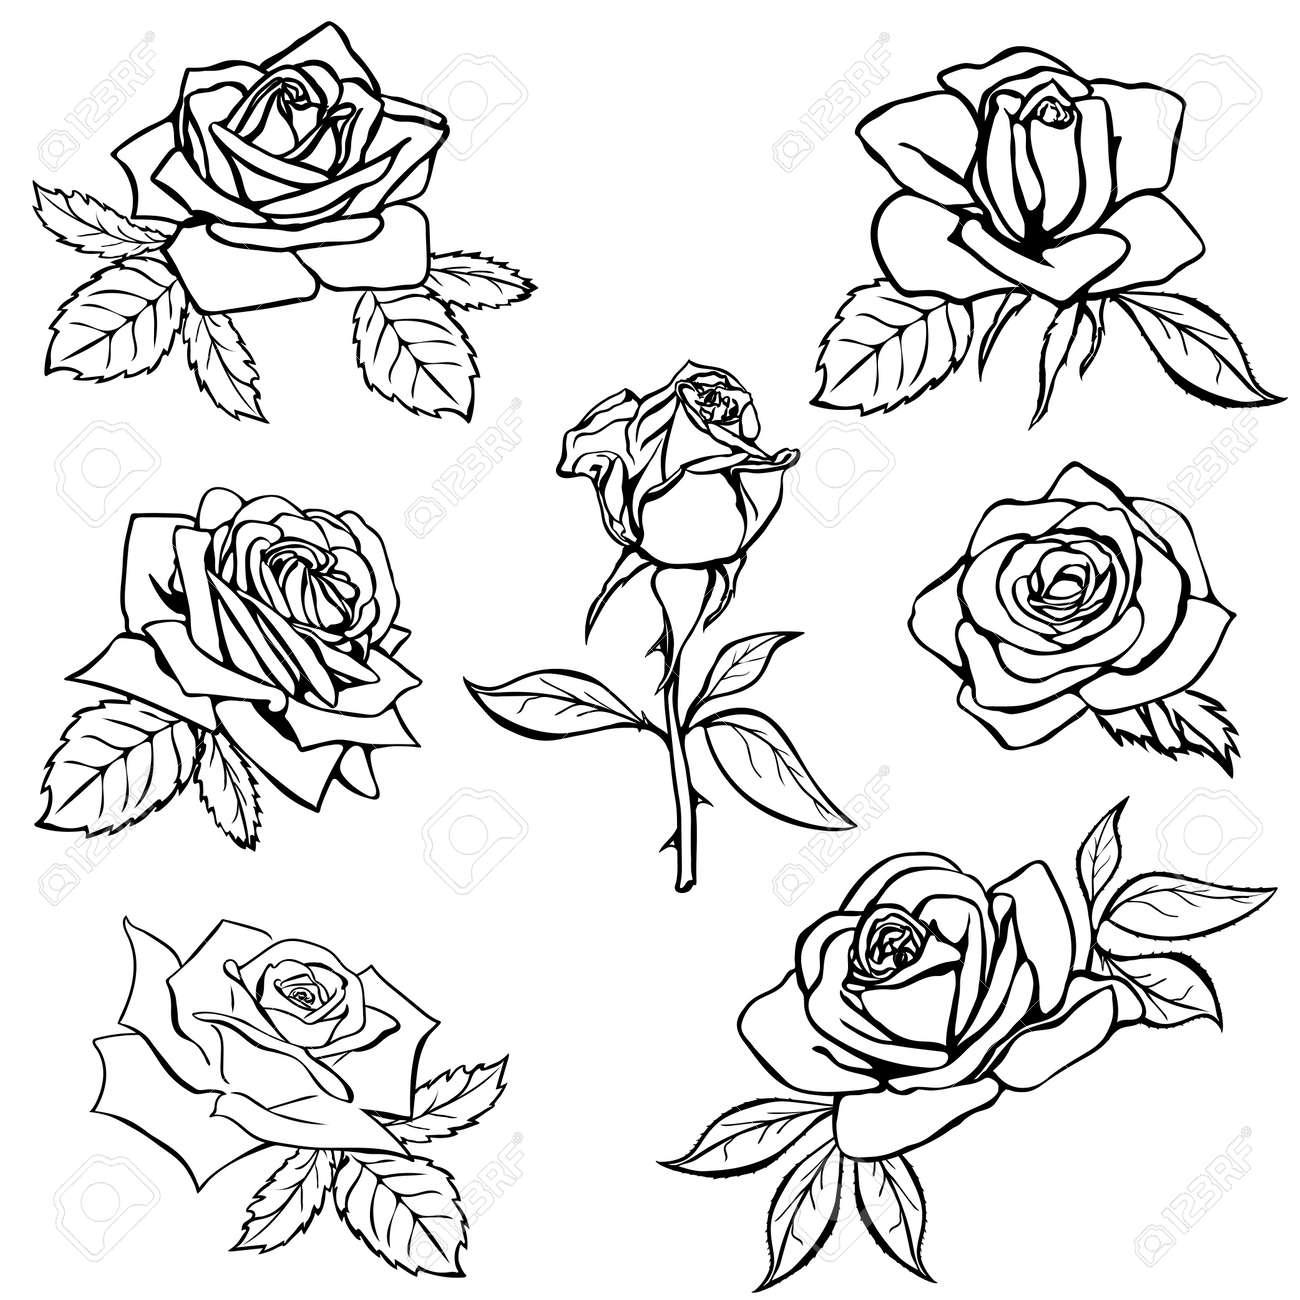 Set Rose sketch. Black outline on white background. Vector illustration. - 36437290